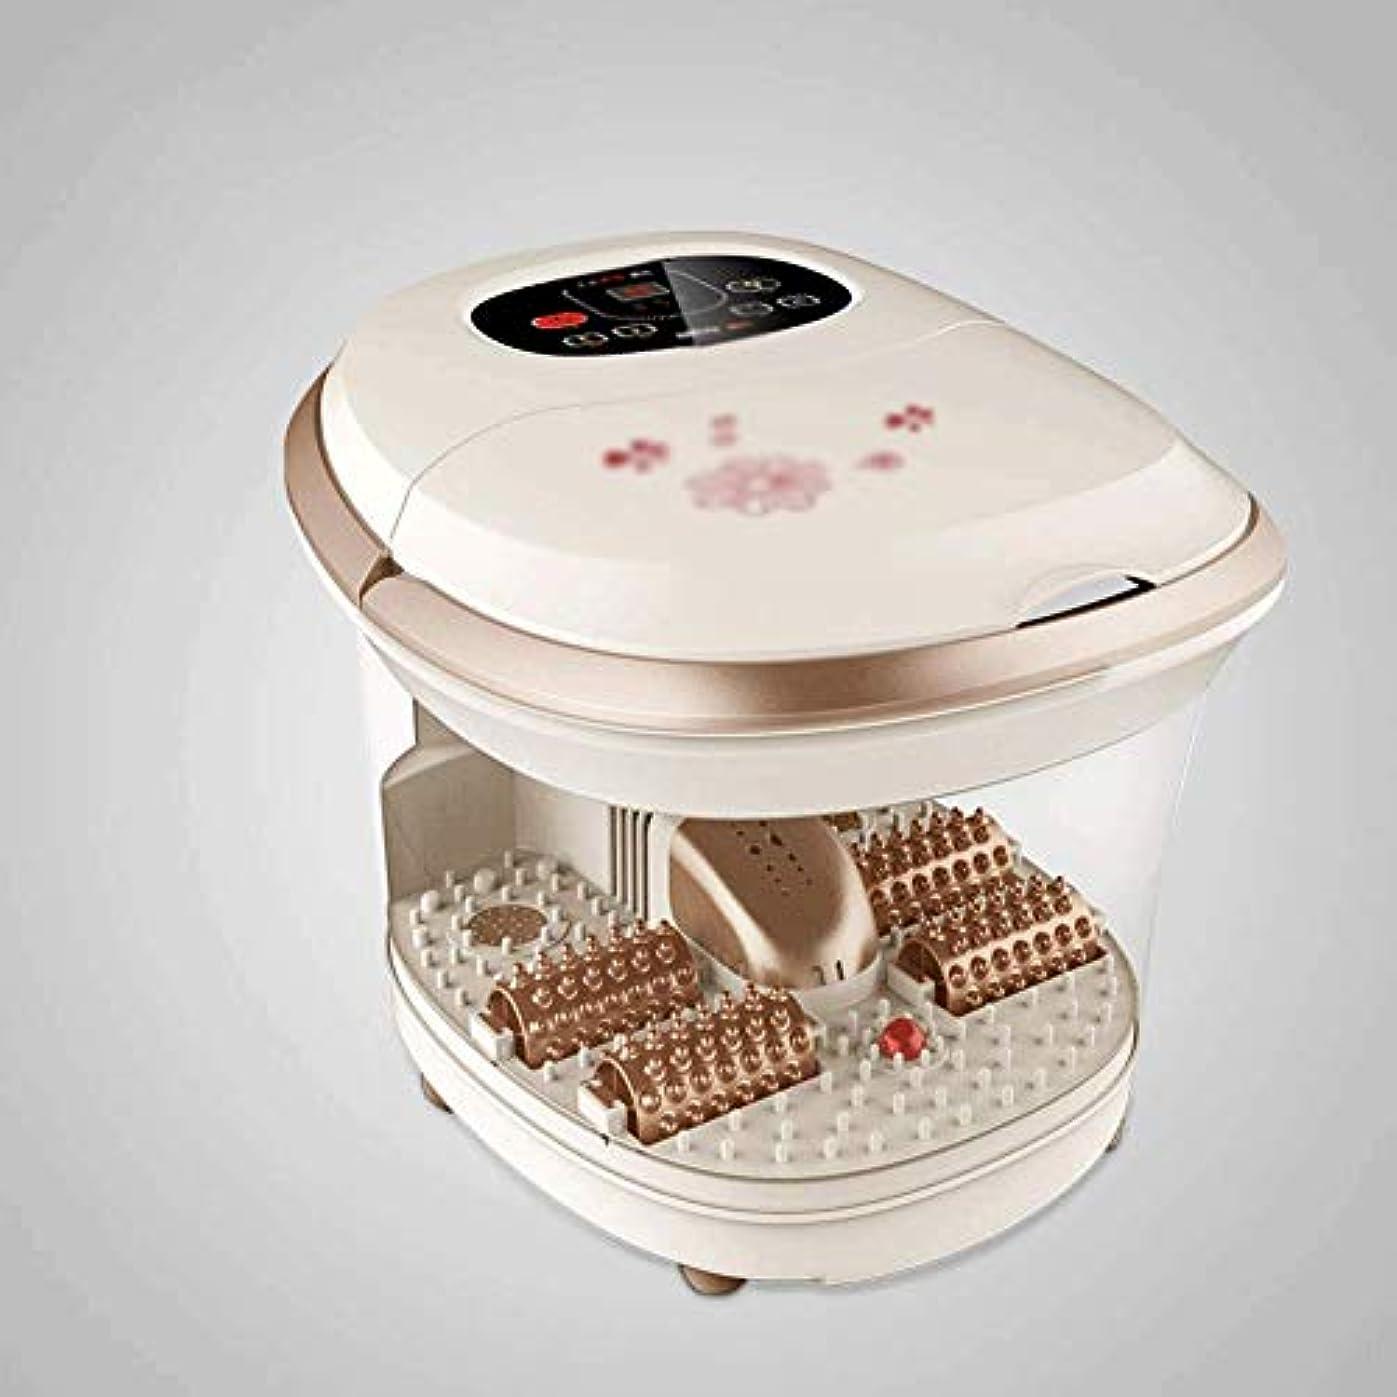 禁輸奇跡掻くLEIGE Foot Spa Massager - スーパーファストヒーティングシステム、4つの電動マッサージローラー、ささやきの静かな